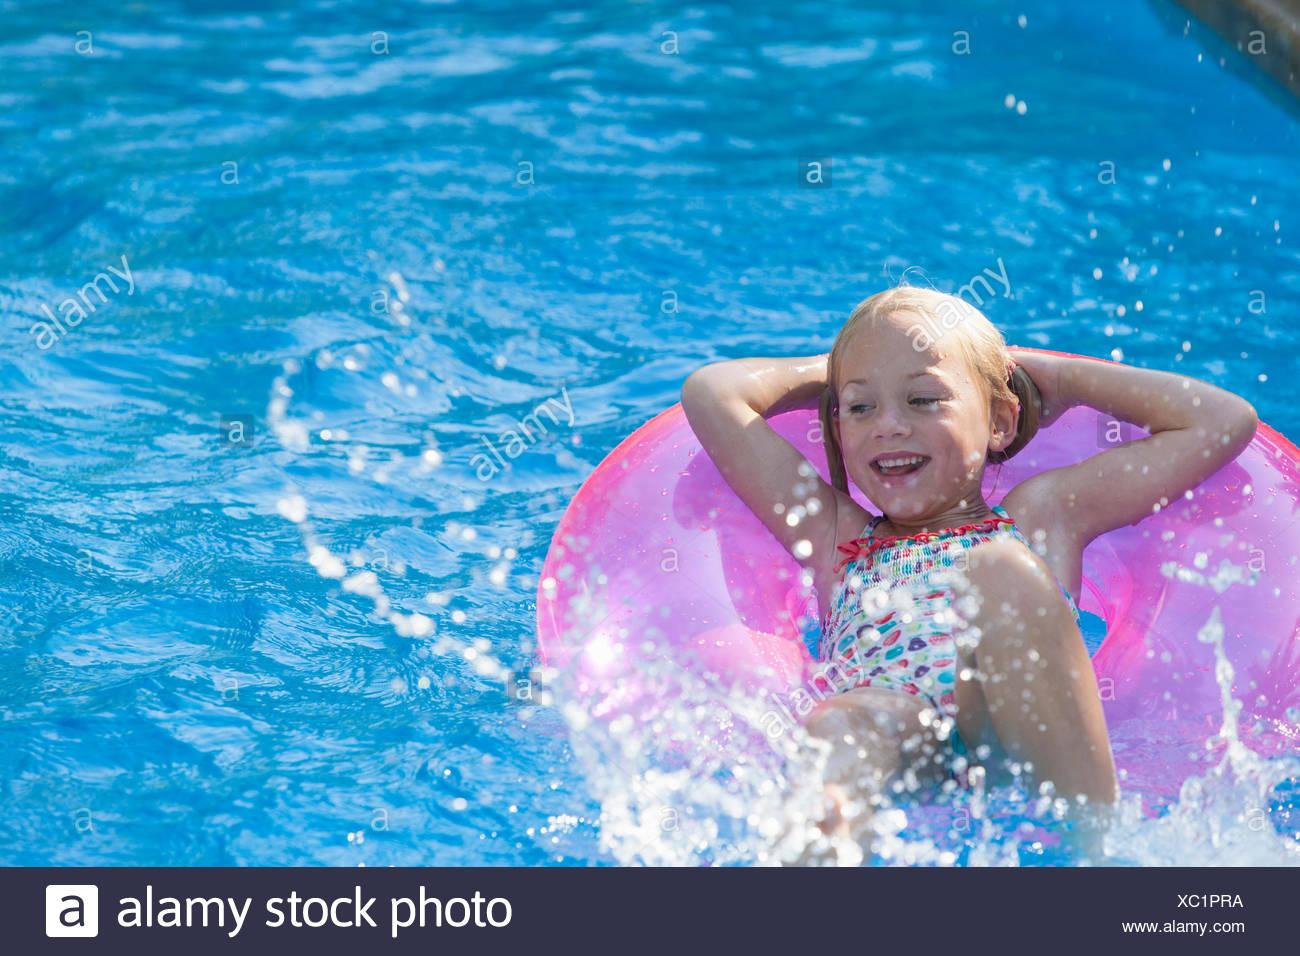 Chica acostada sobre su espalda en anillo inflable en el jardín piscina Imagen De Stock